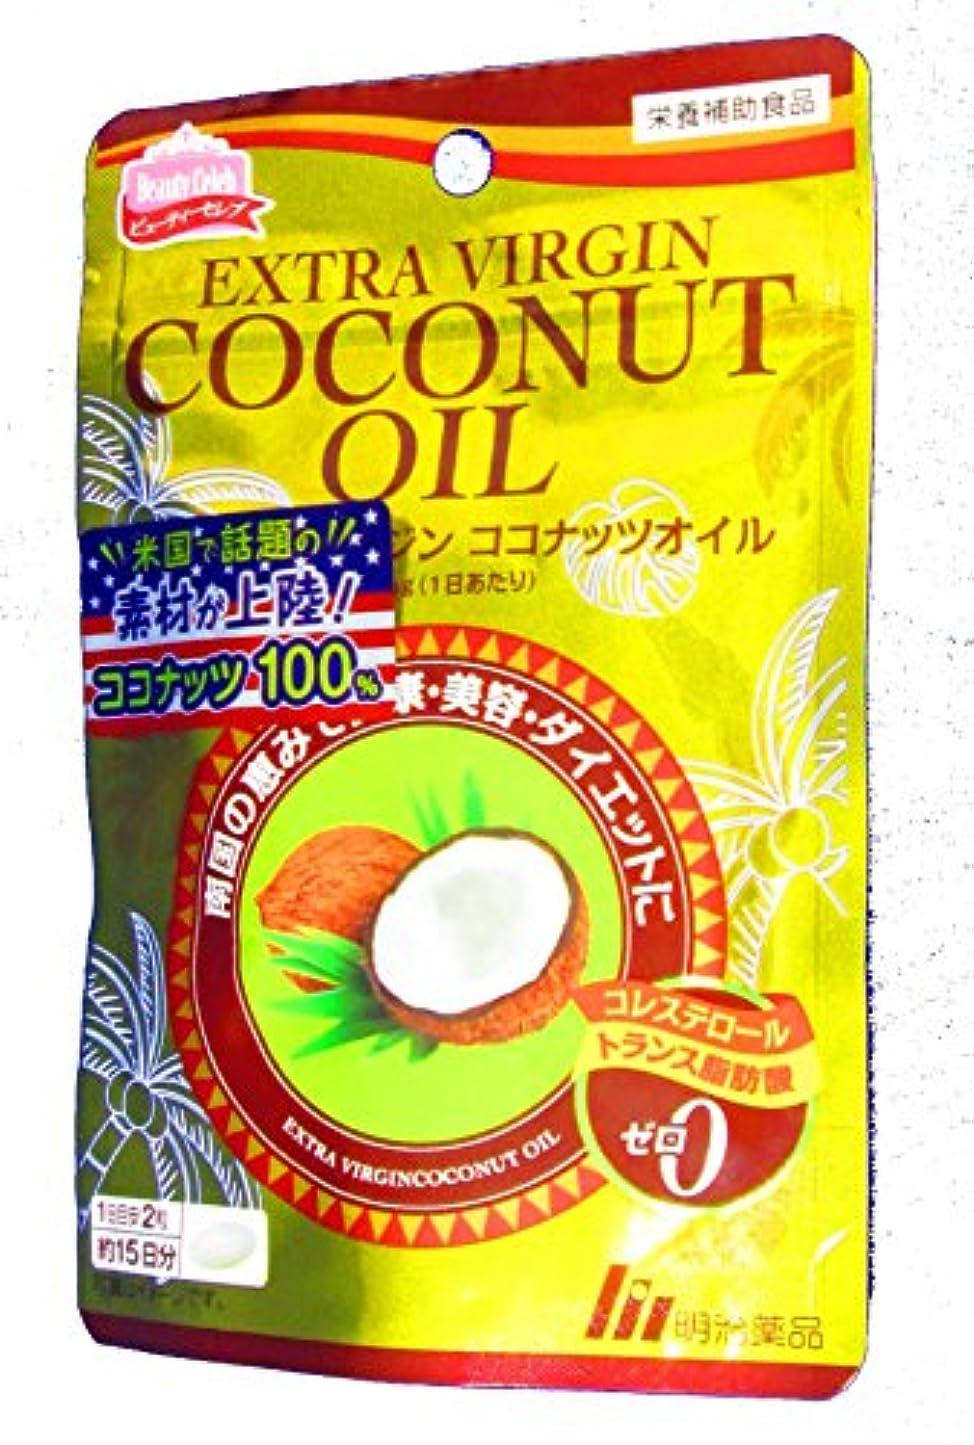 カート知り合い速報明治薬品 エクストラヴァージンココナッツオイル 30粒